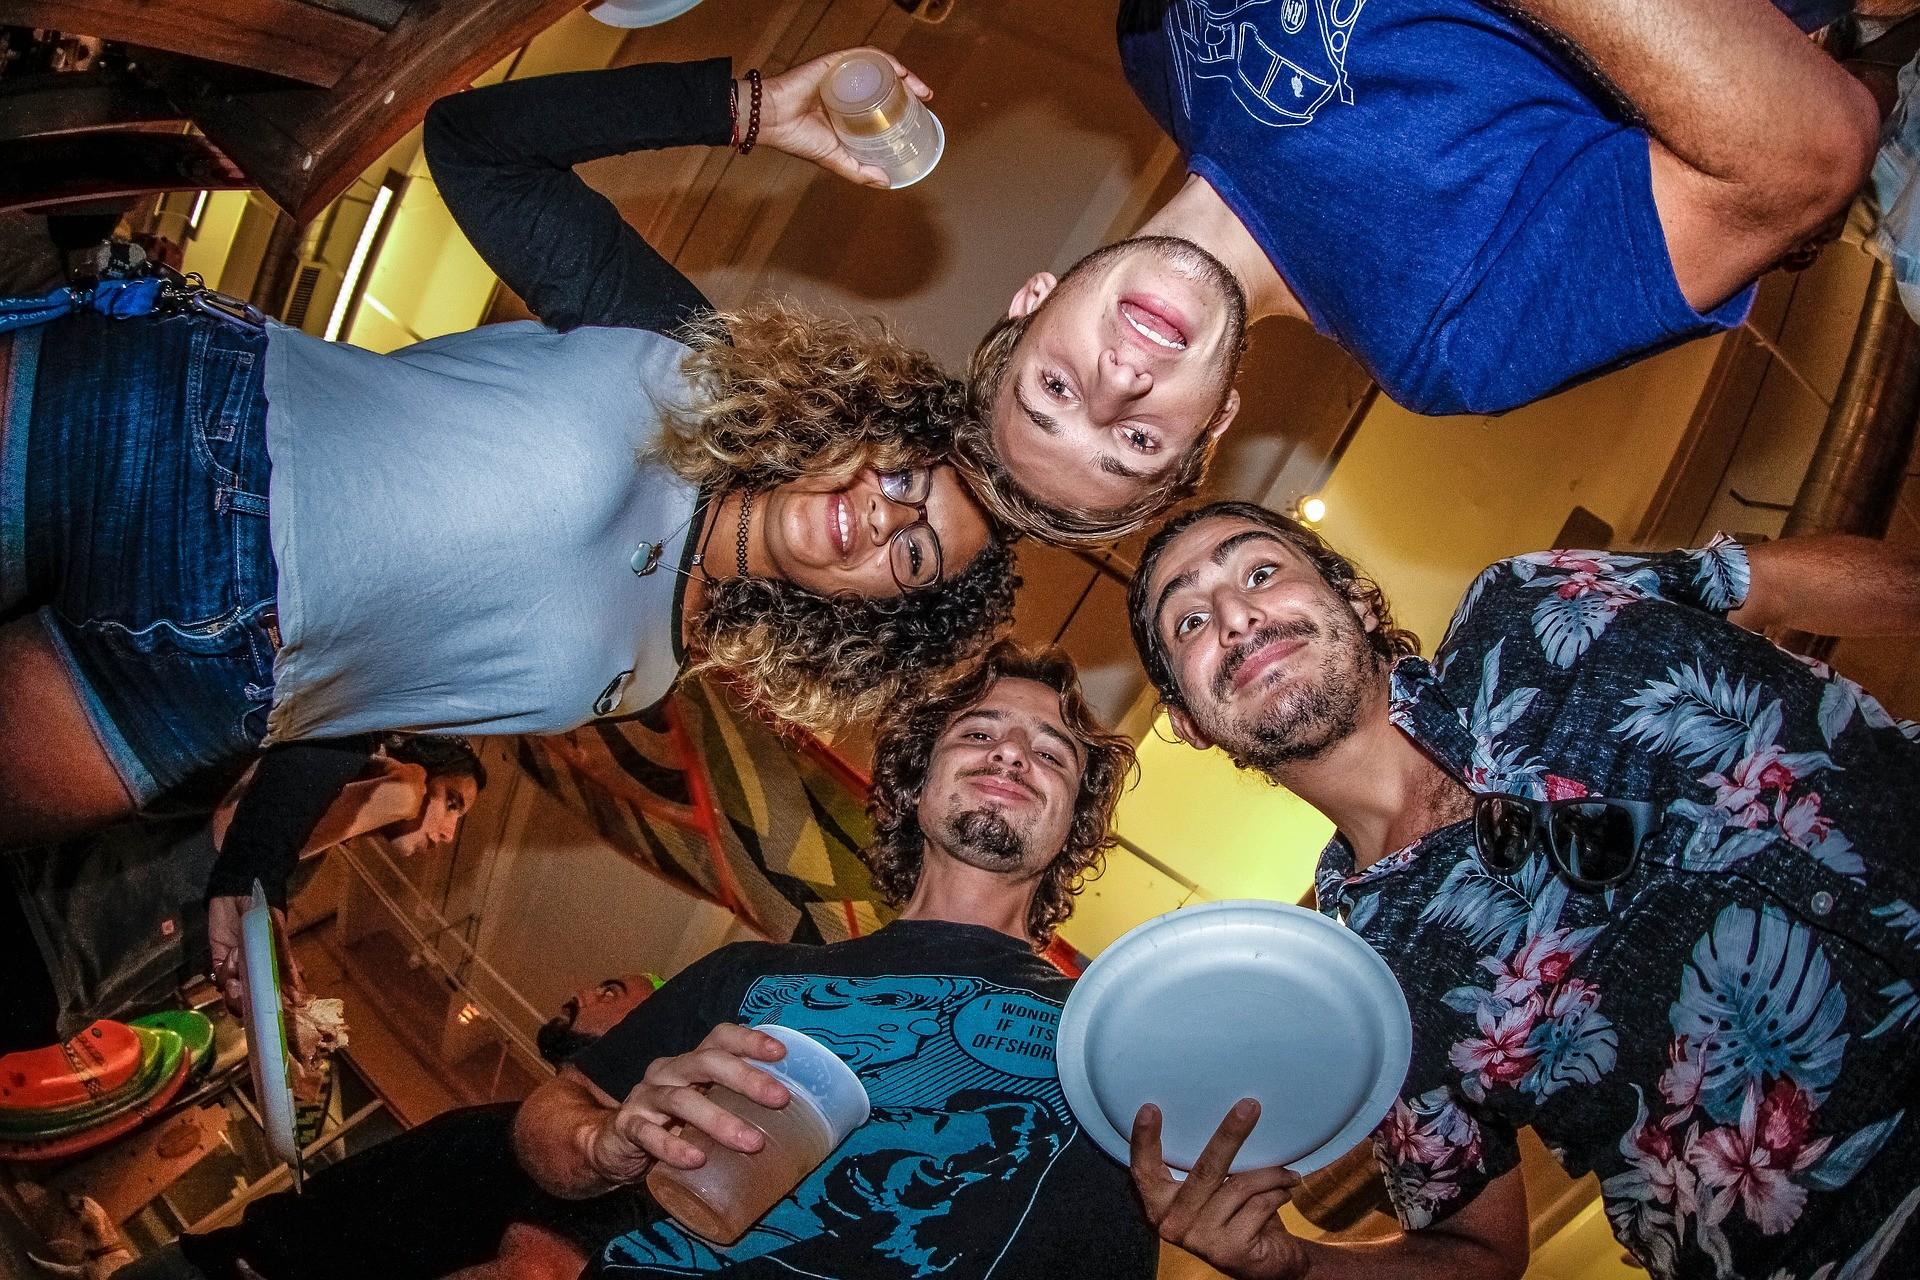 ▲▼ 派對,喝酒,聚會,跑趴。(圖/取自免費圖庫Pixabay)